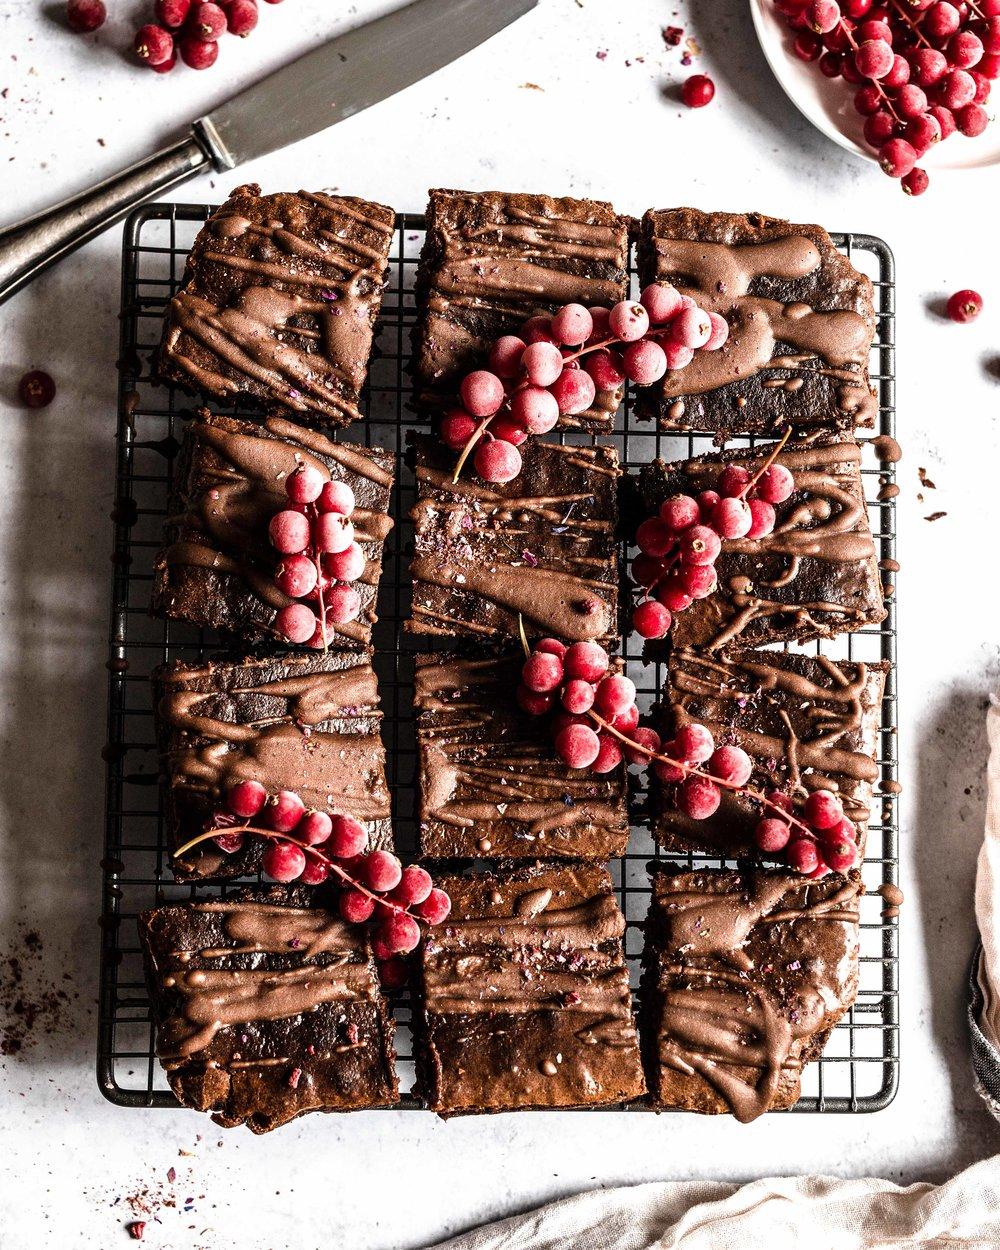 Brownies zum Frühstück, zum Kaffee am Nachmittag oder zum Nachtisch - wir finden sie immer passend.